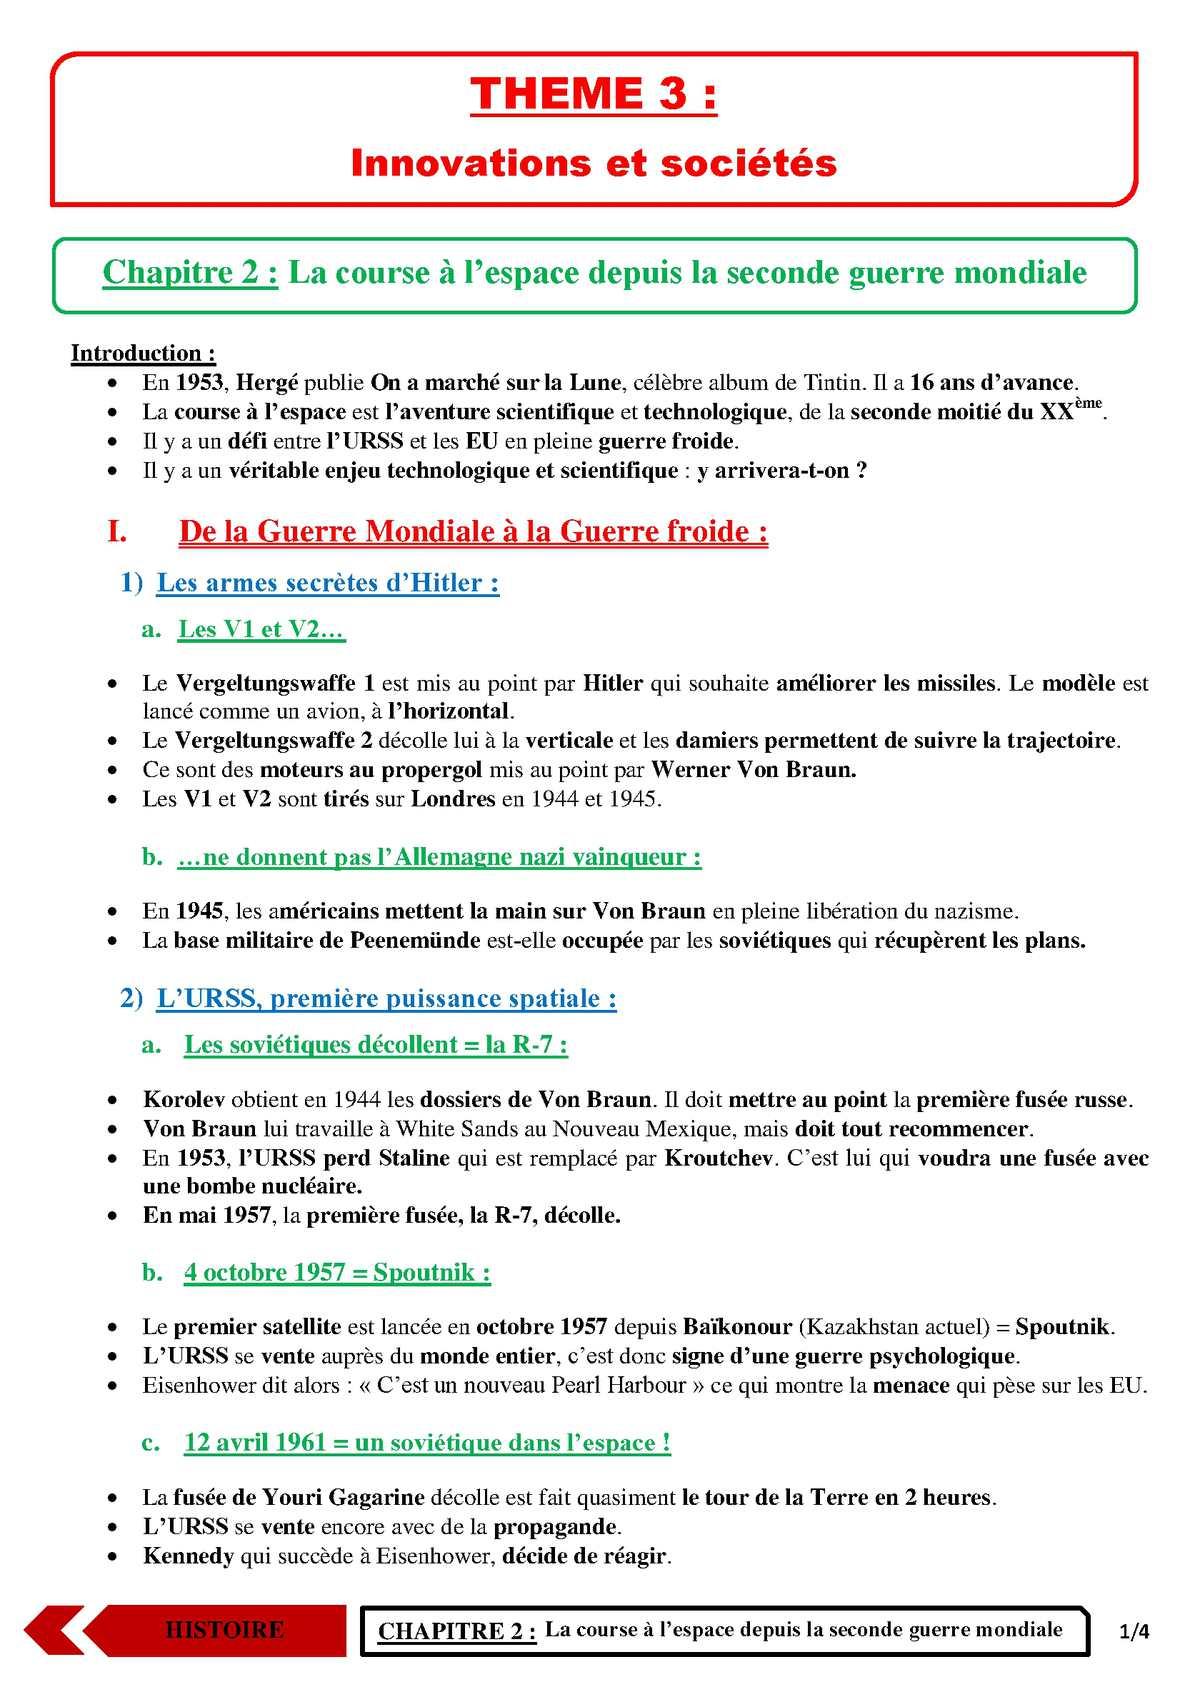 TS - HISTOIRE-GEOGRAPHIE - Chapitre 6 | JéSky.fr